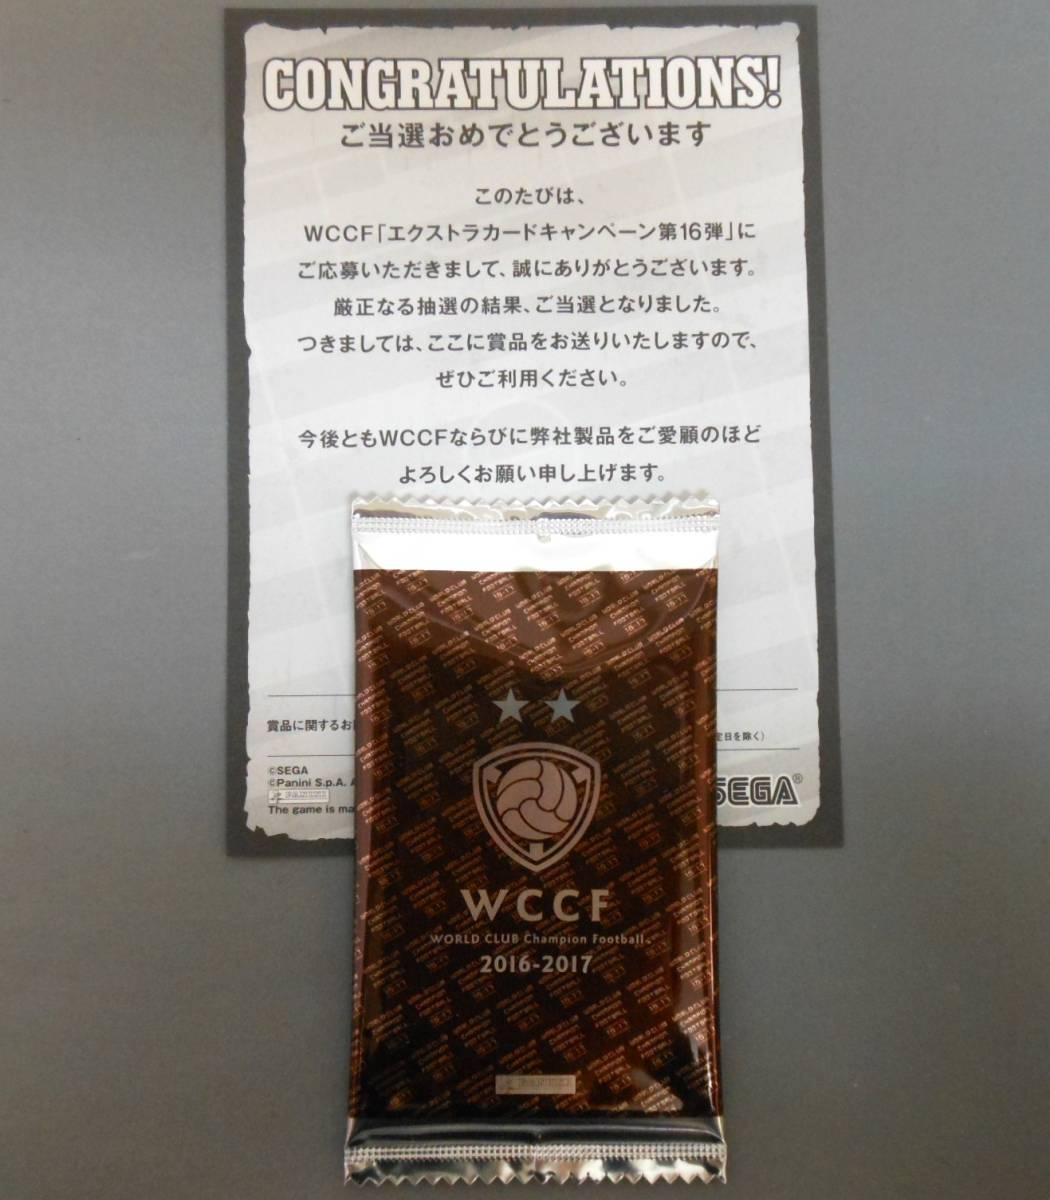 未開封 WCCF 2016-2017 エクストラキャンペーン 第16弾 カード6枚セット 当選証書付